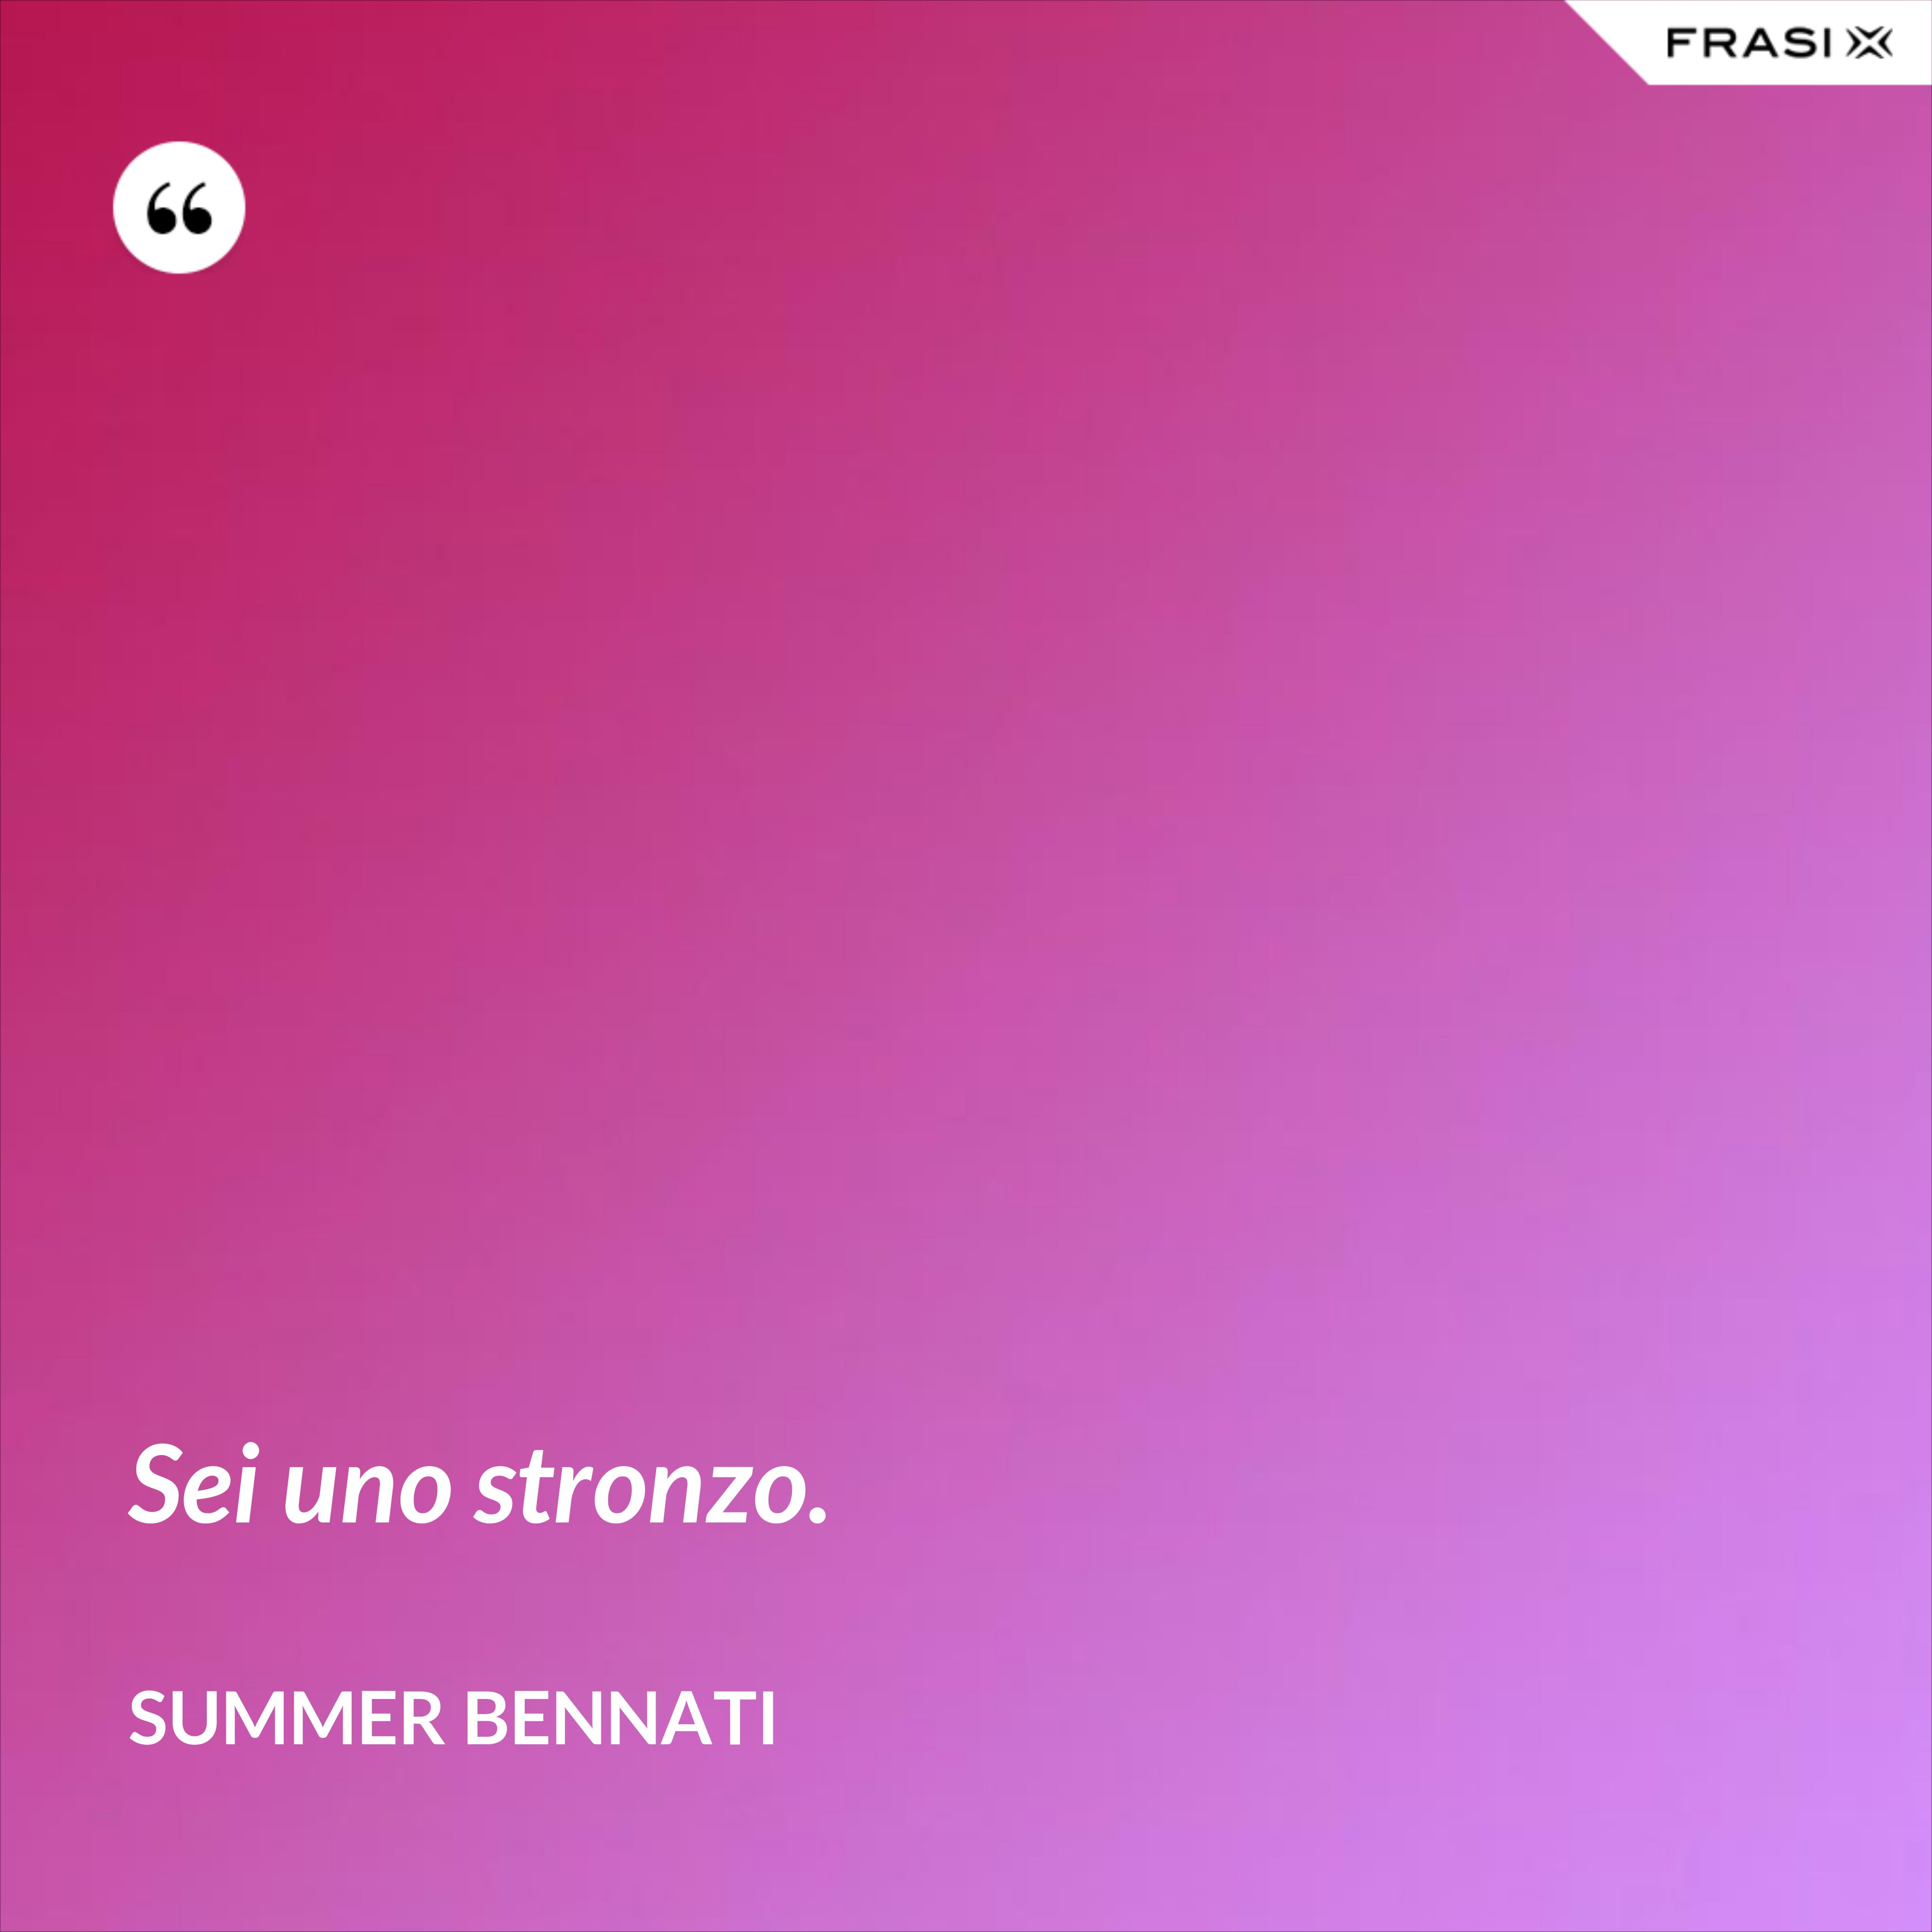 Sei uno stronzo. - Summer Bennati